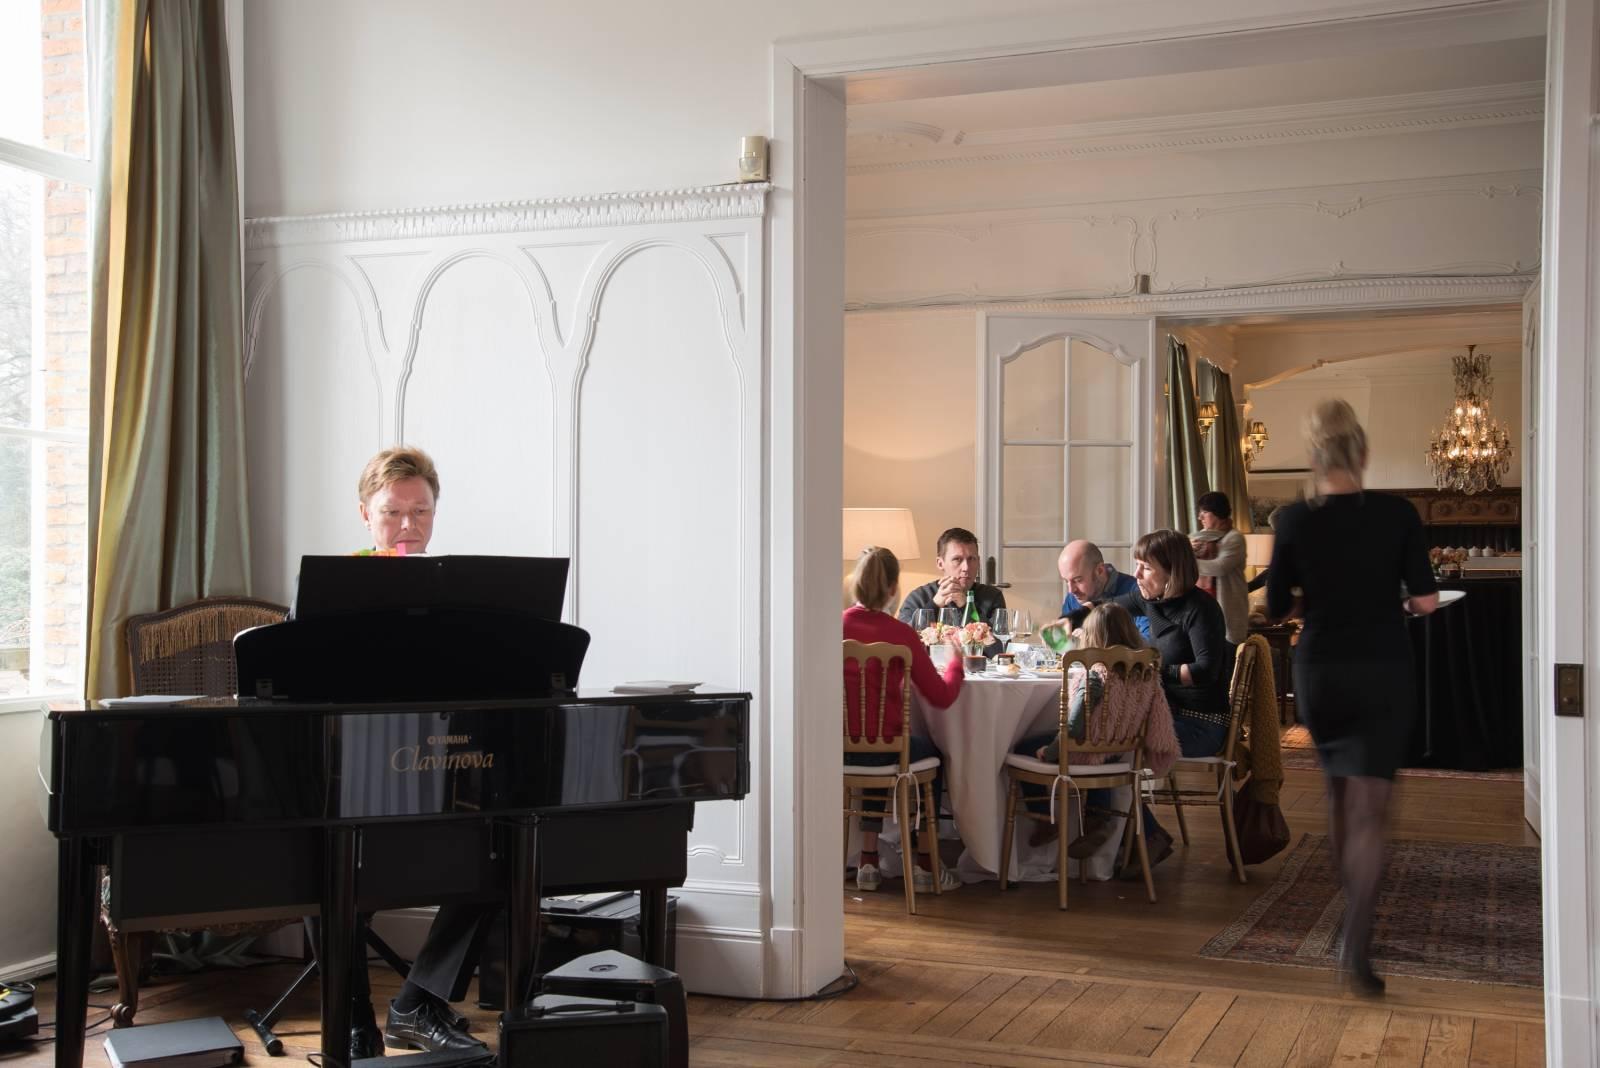 Wolvenbos - Feestzaal - Feestlocatie - Kapellen (Antwerpen) - House of Events - 22